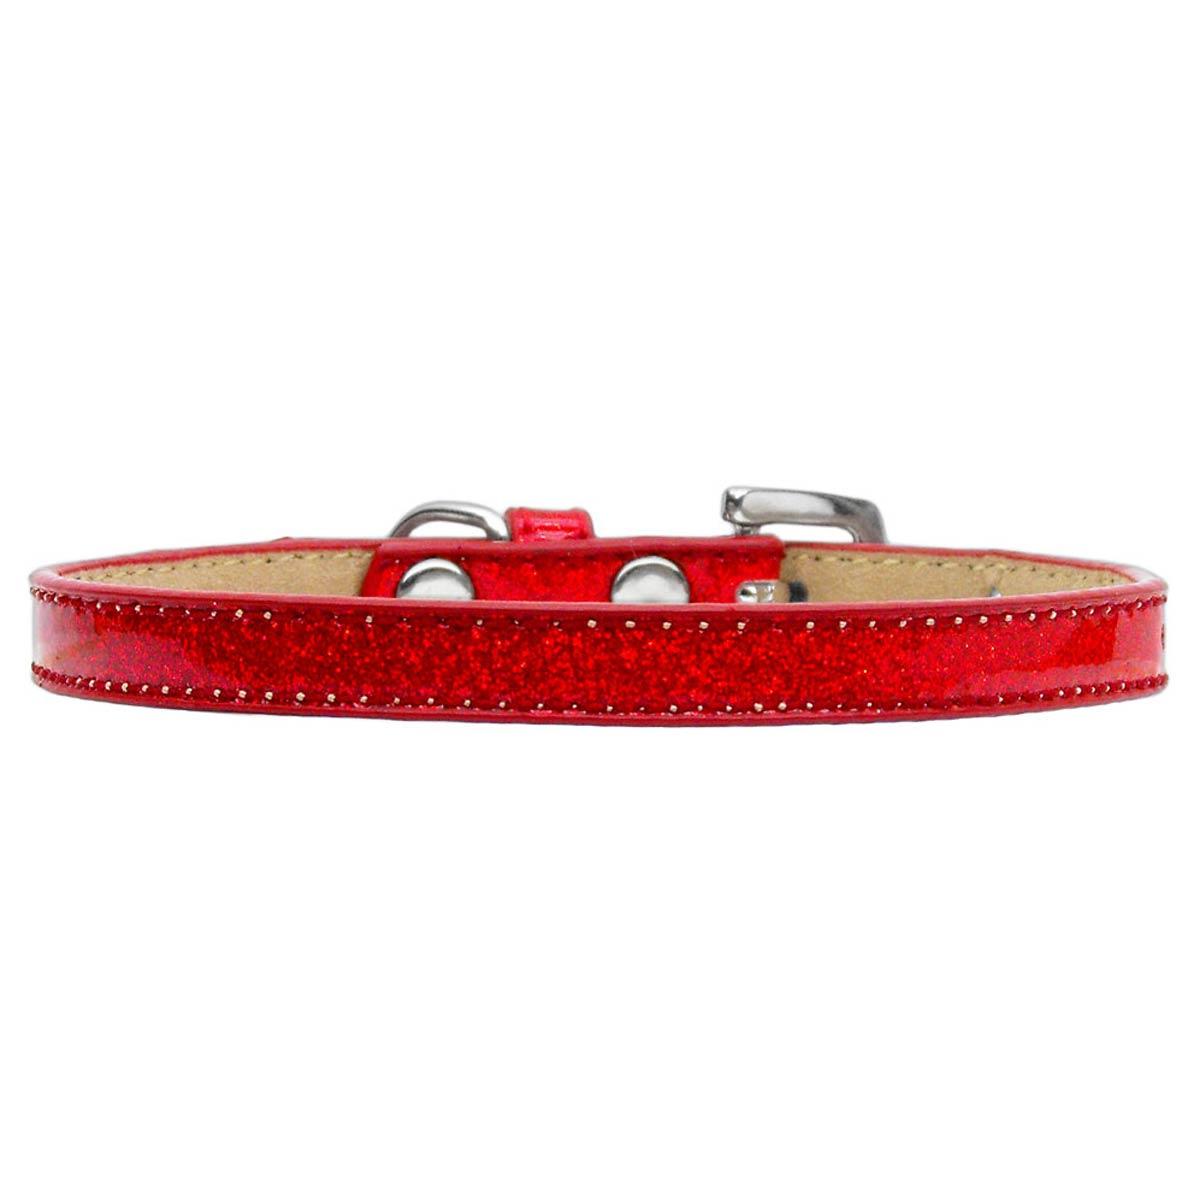 Confetti Ice Cream Dog Collar - Red